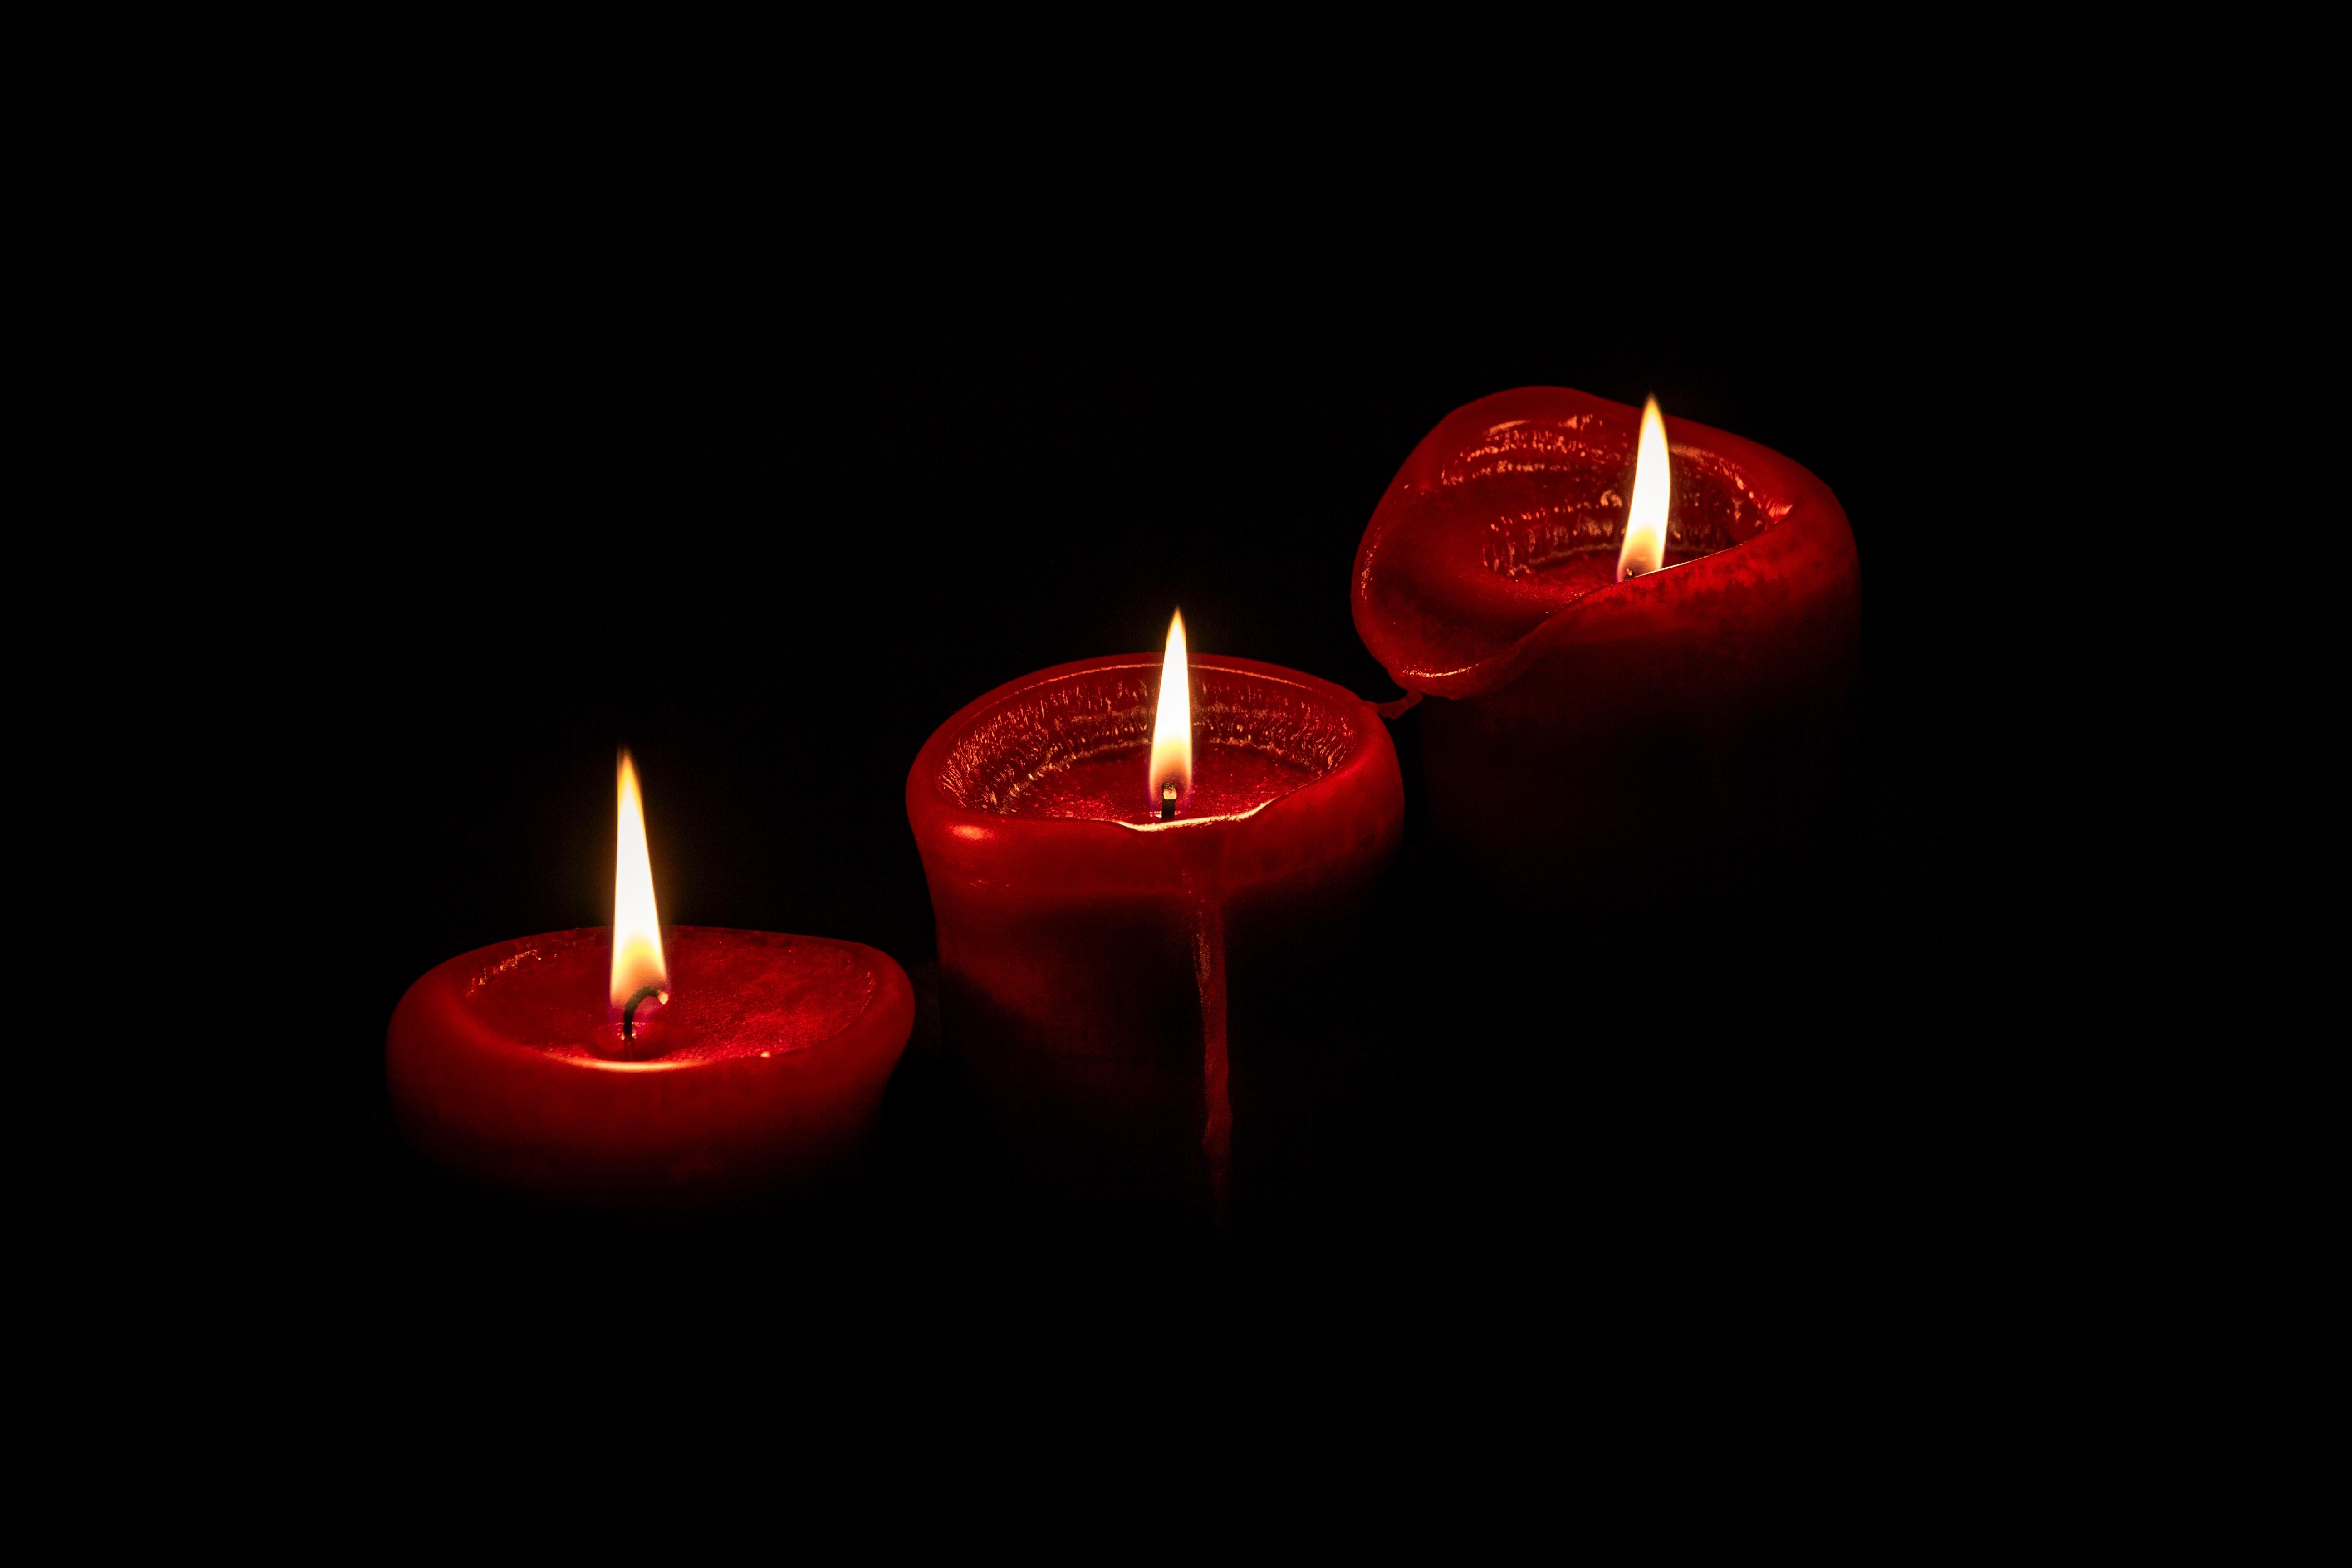 97743 免費下載壁紙 黑暗的, 黑暗, 蜡烛, 辉光, 发光, 火 屏保和圖片